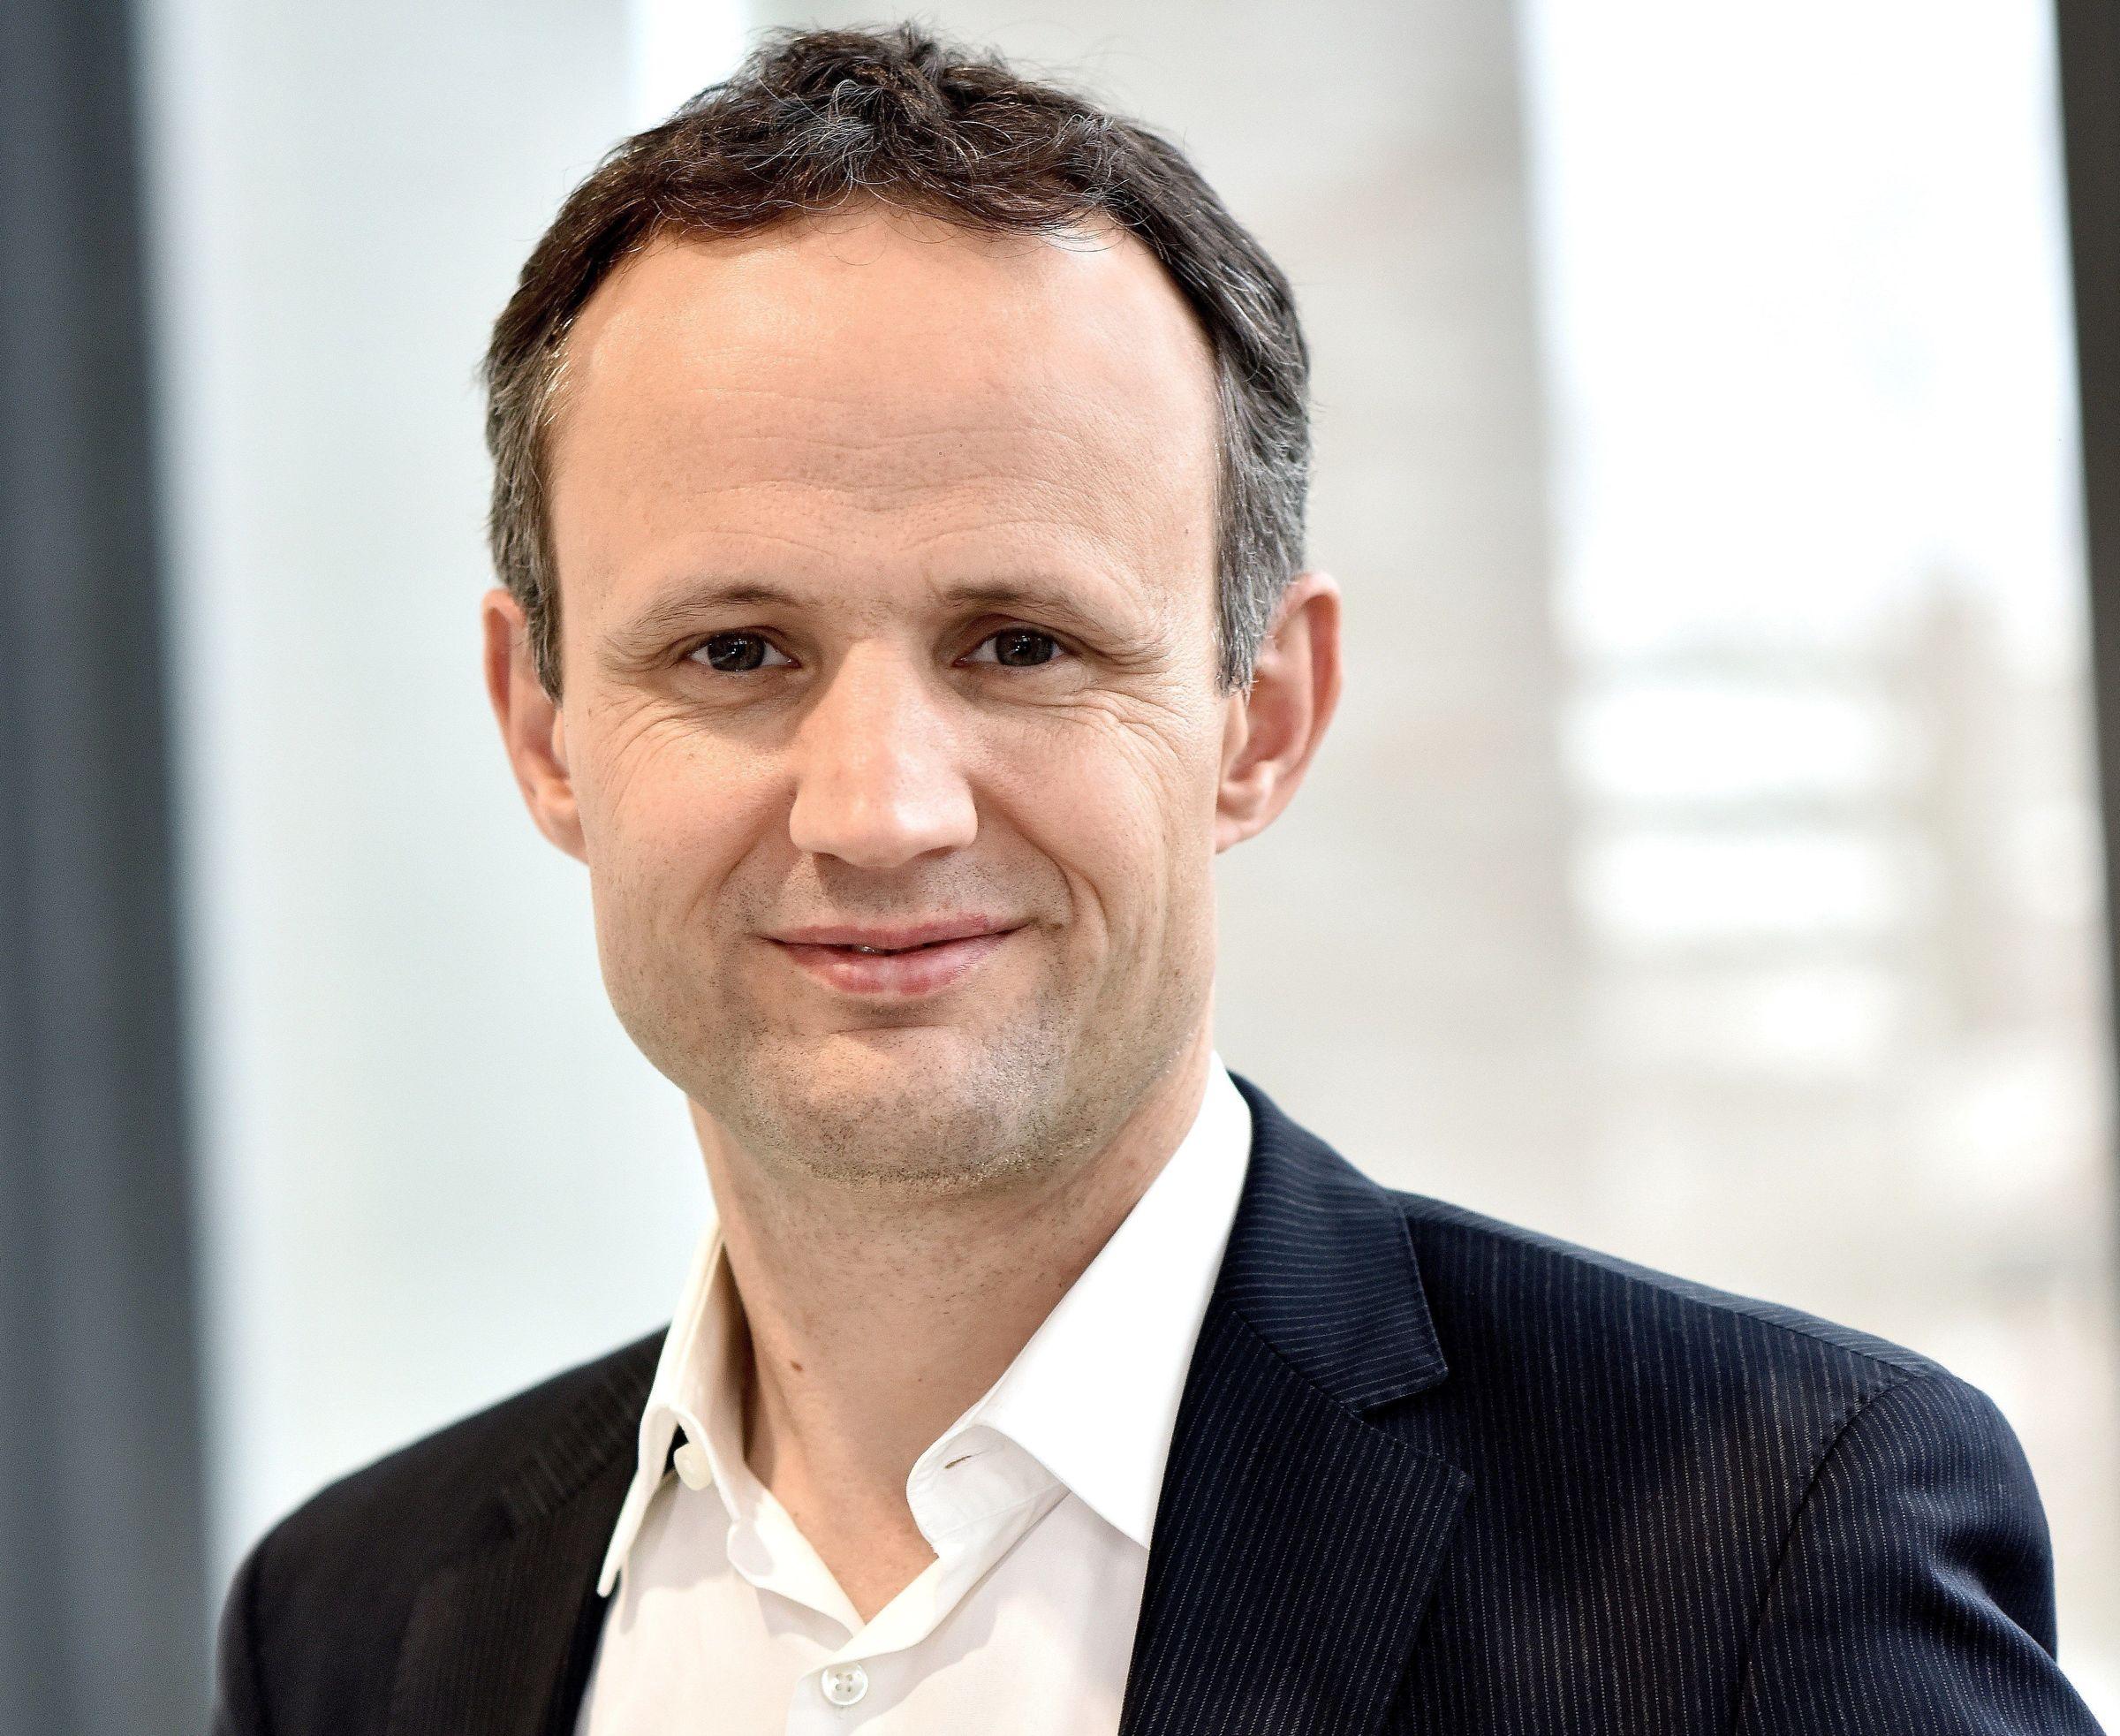 """Markus Duesmann launches """"Artemis"""" project - Image 1"""